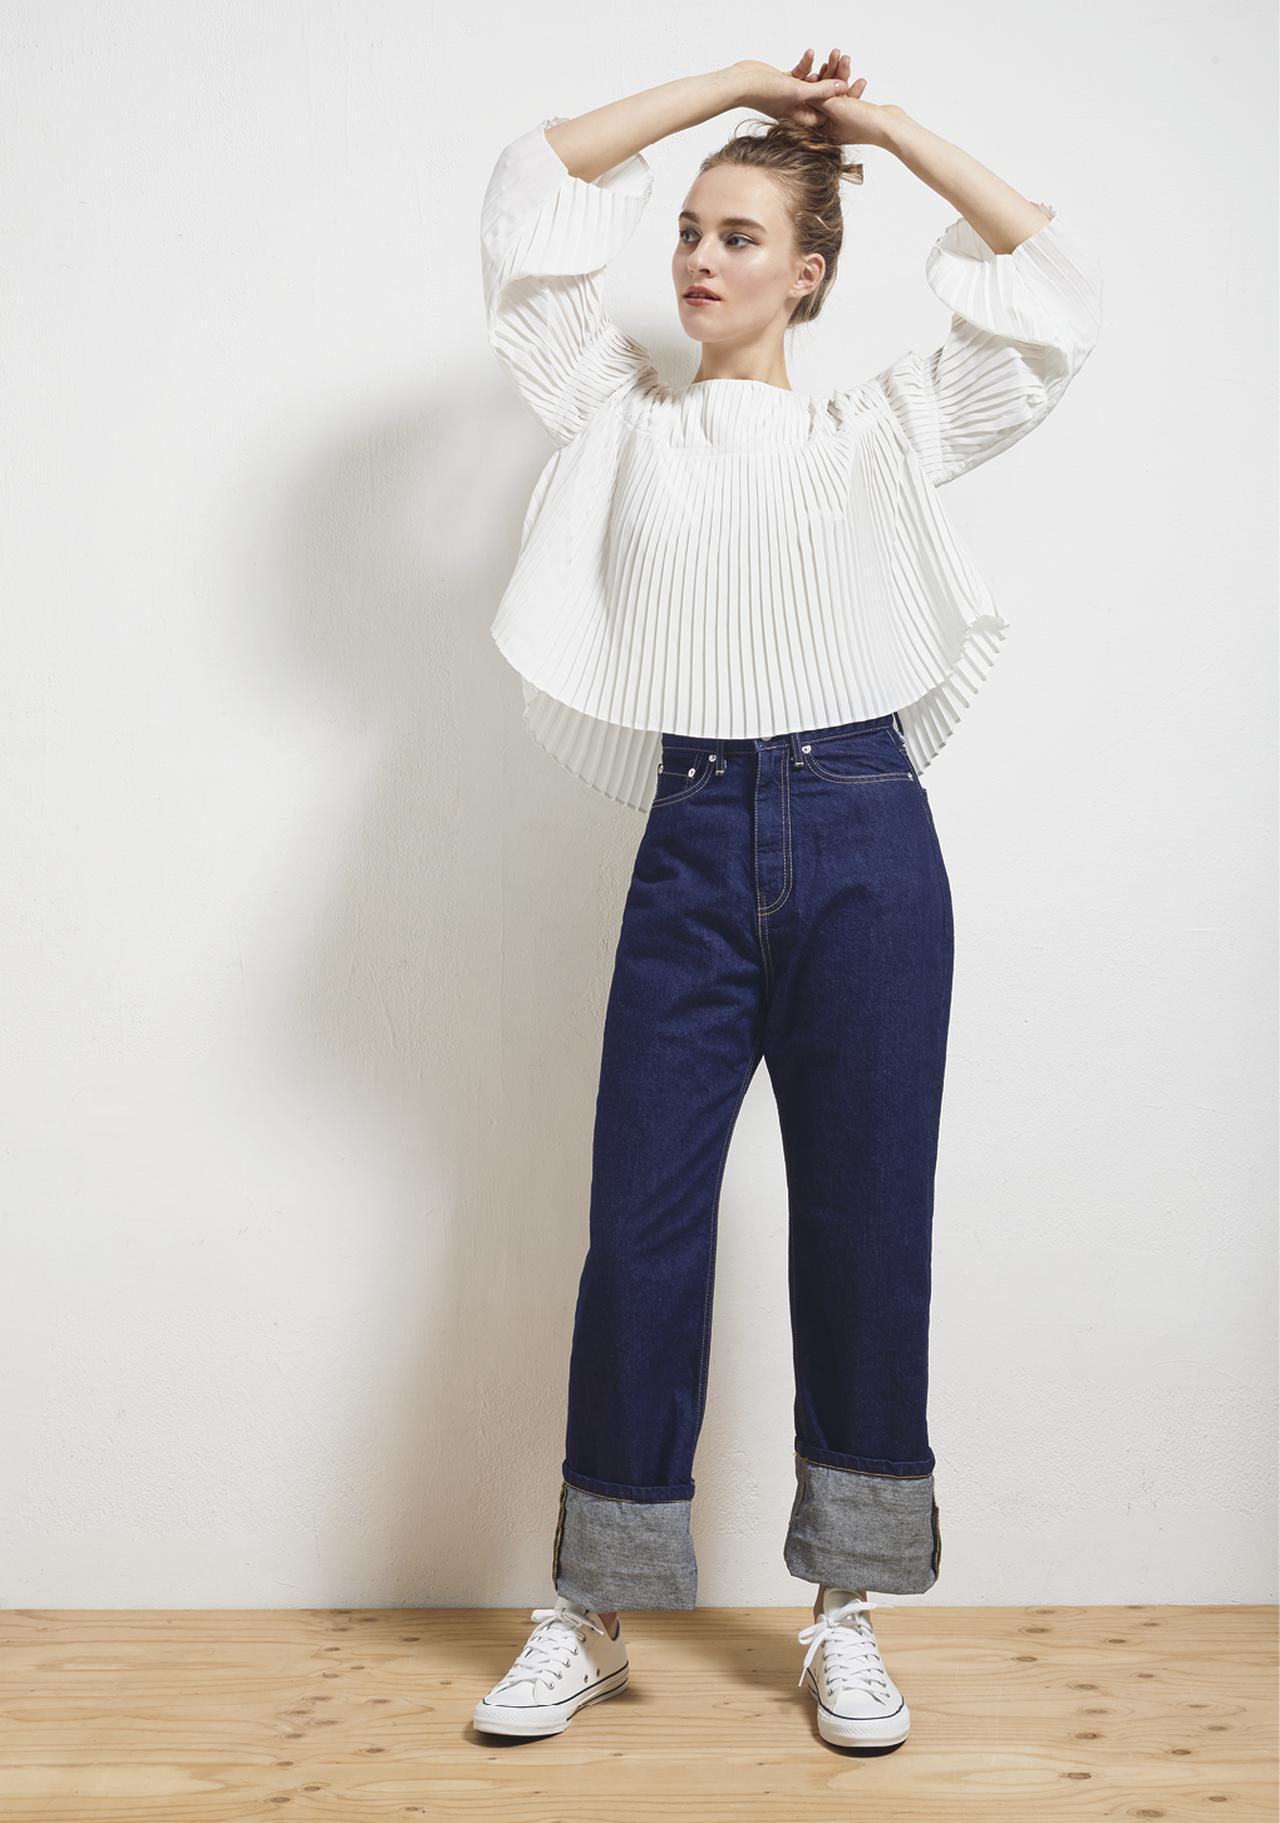 画像3: yueni新作スタイル